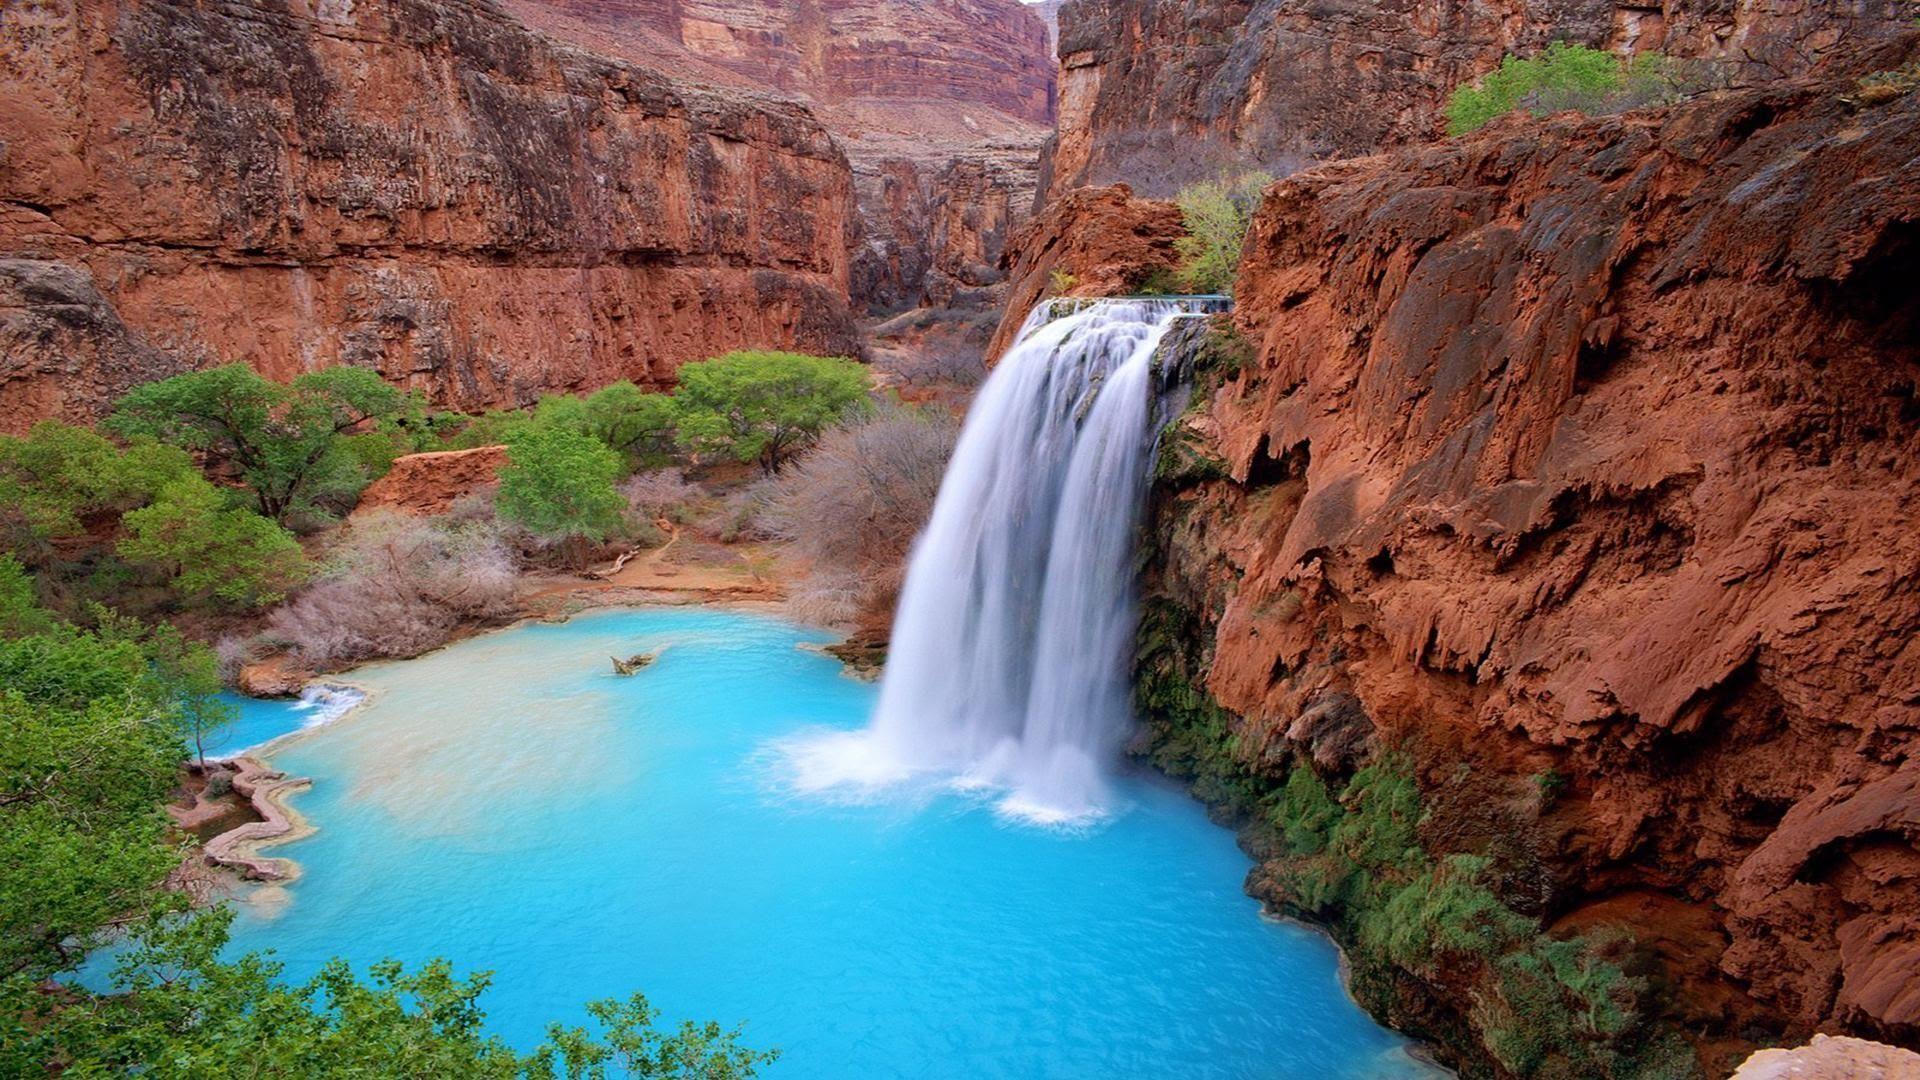 piscinas naturais mais incríveis do mundo - Havasu falls